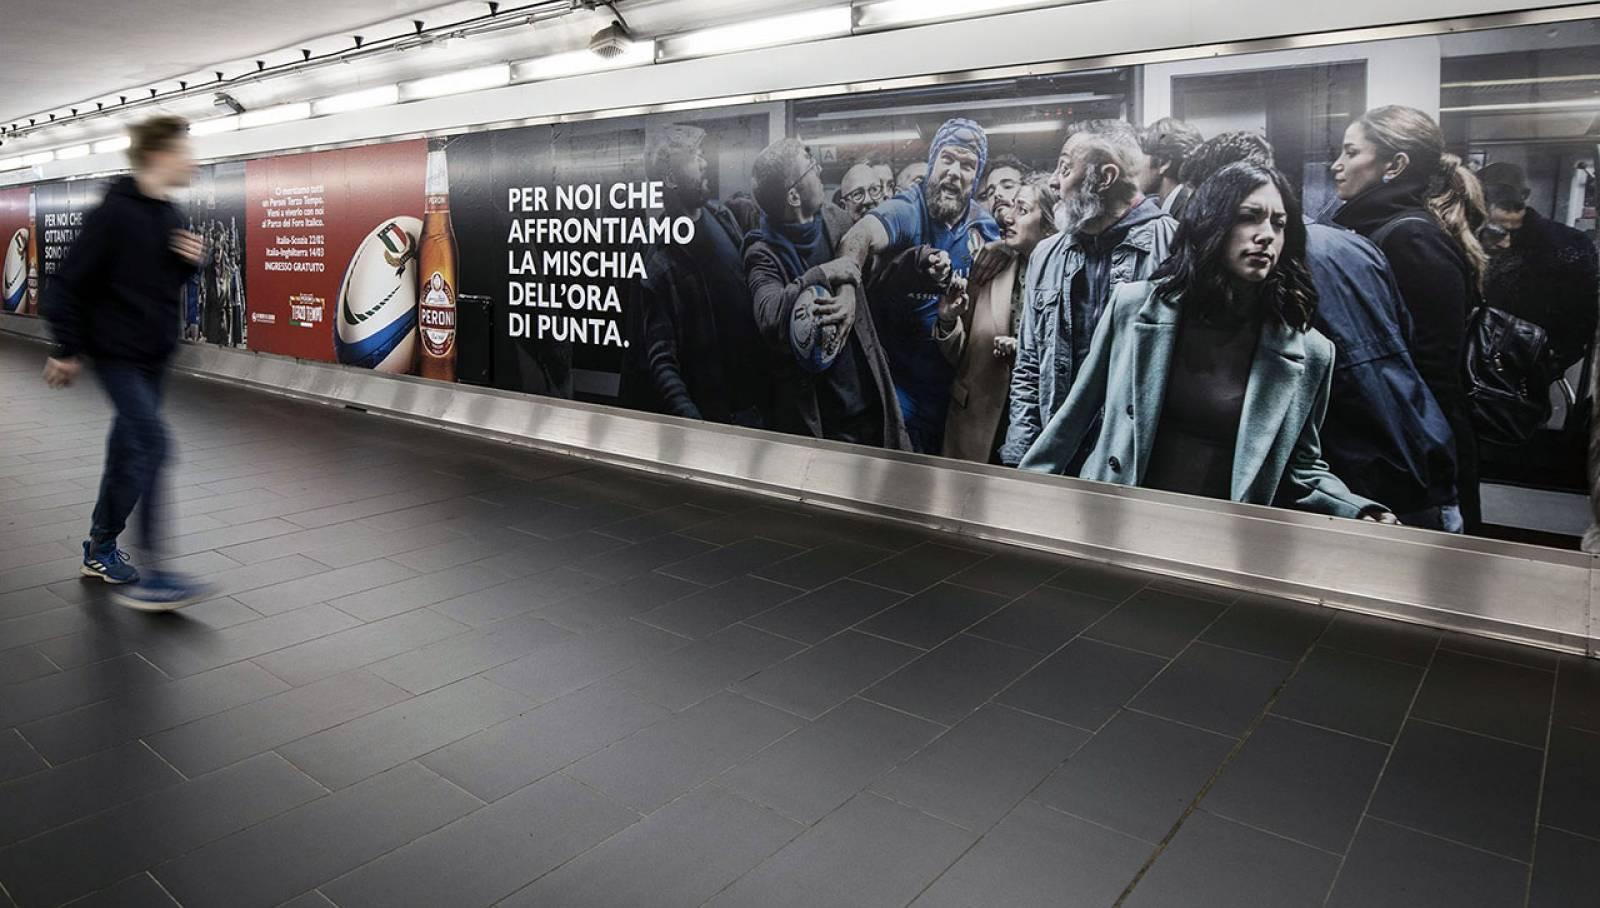 Pubblicità outdoor IGPDecaux a Roma Station Domination per Peroni